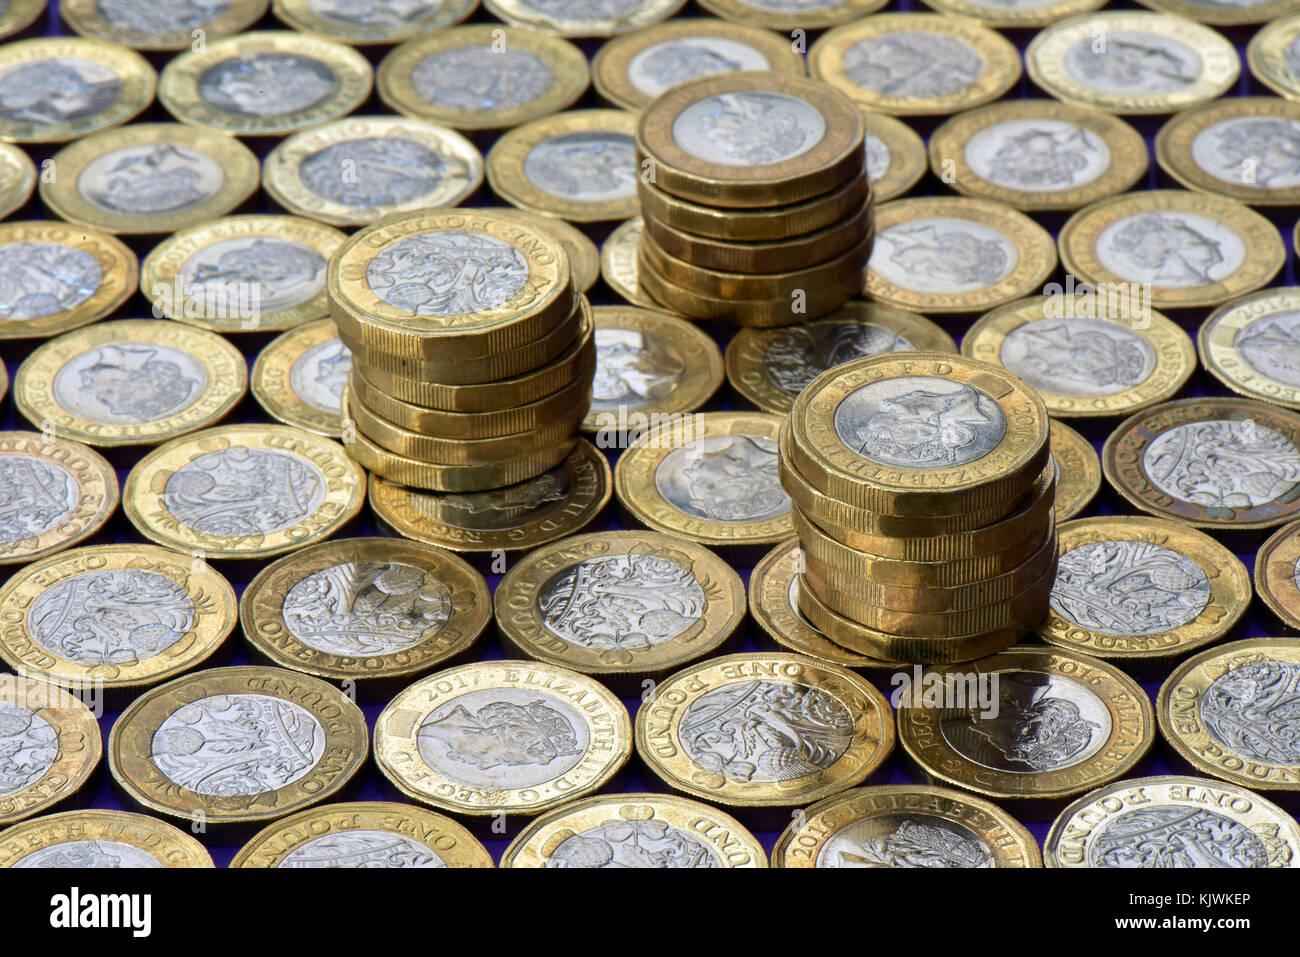 Eine Große Anzahl Oder Menge Ein Pfund Gold Und Silber Münzen Flach